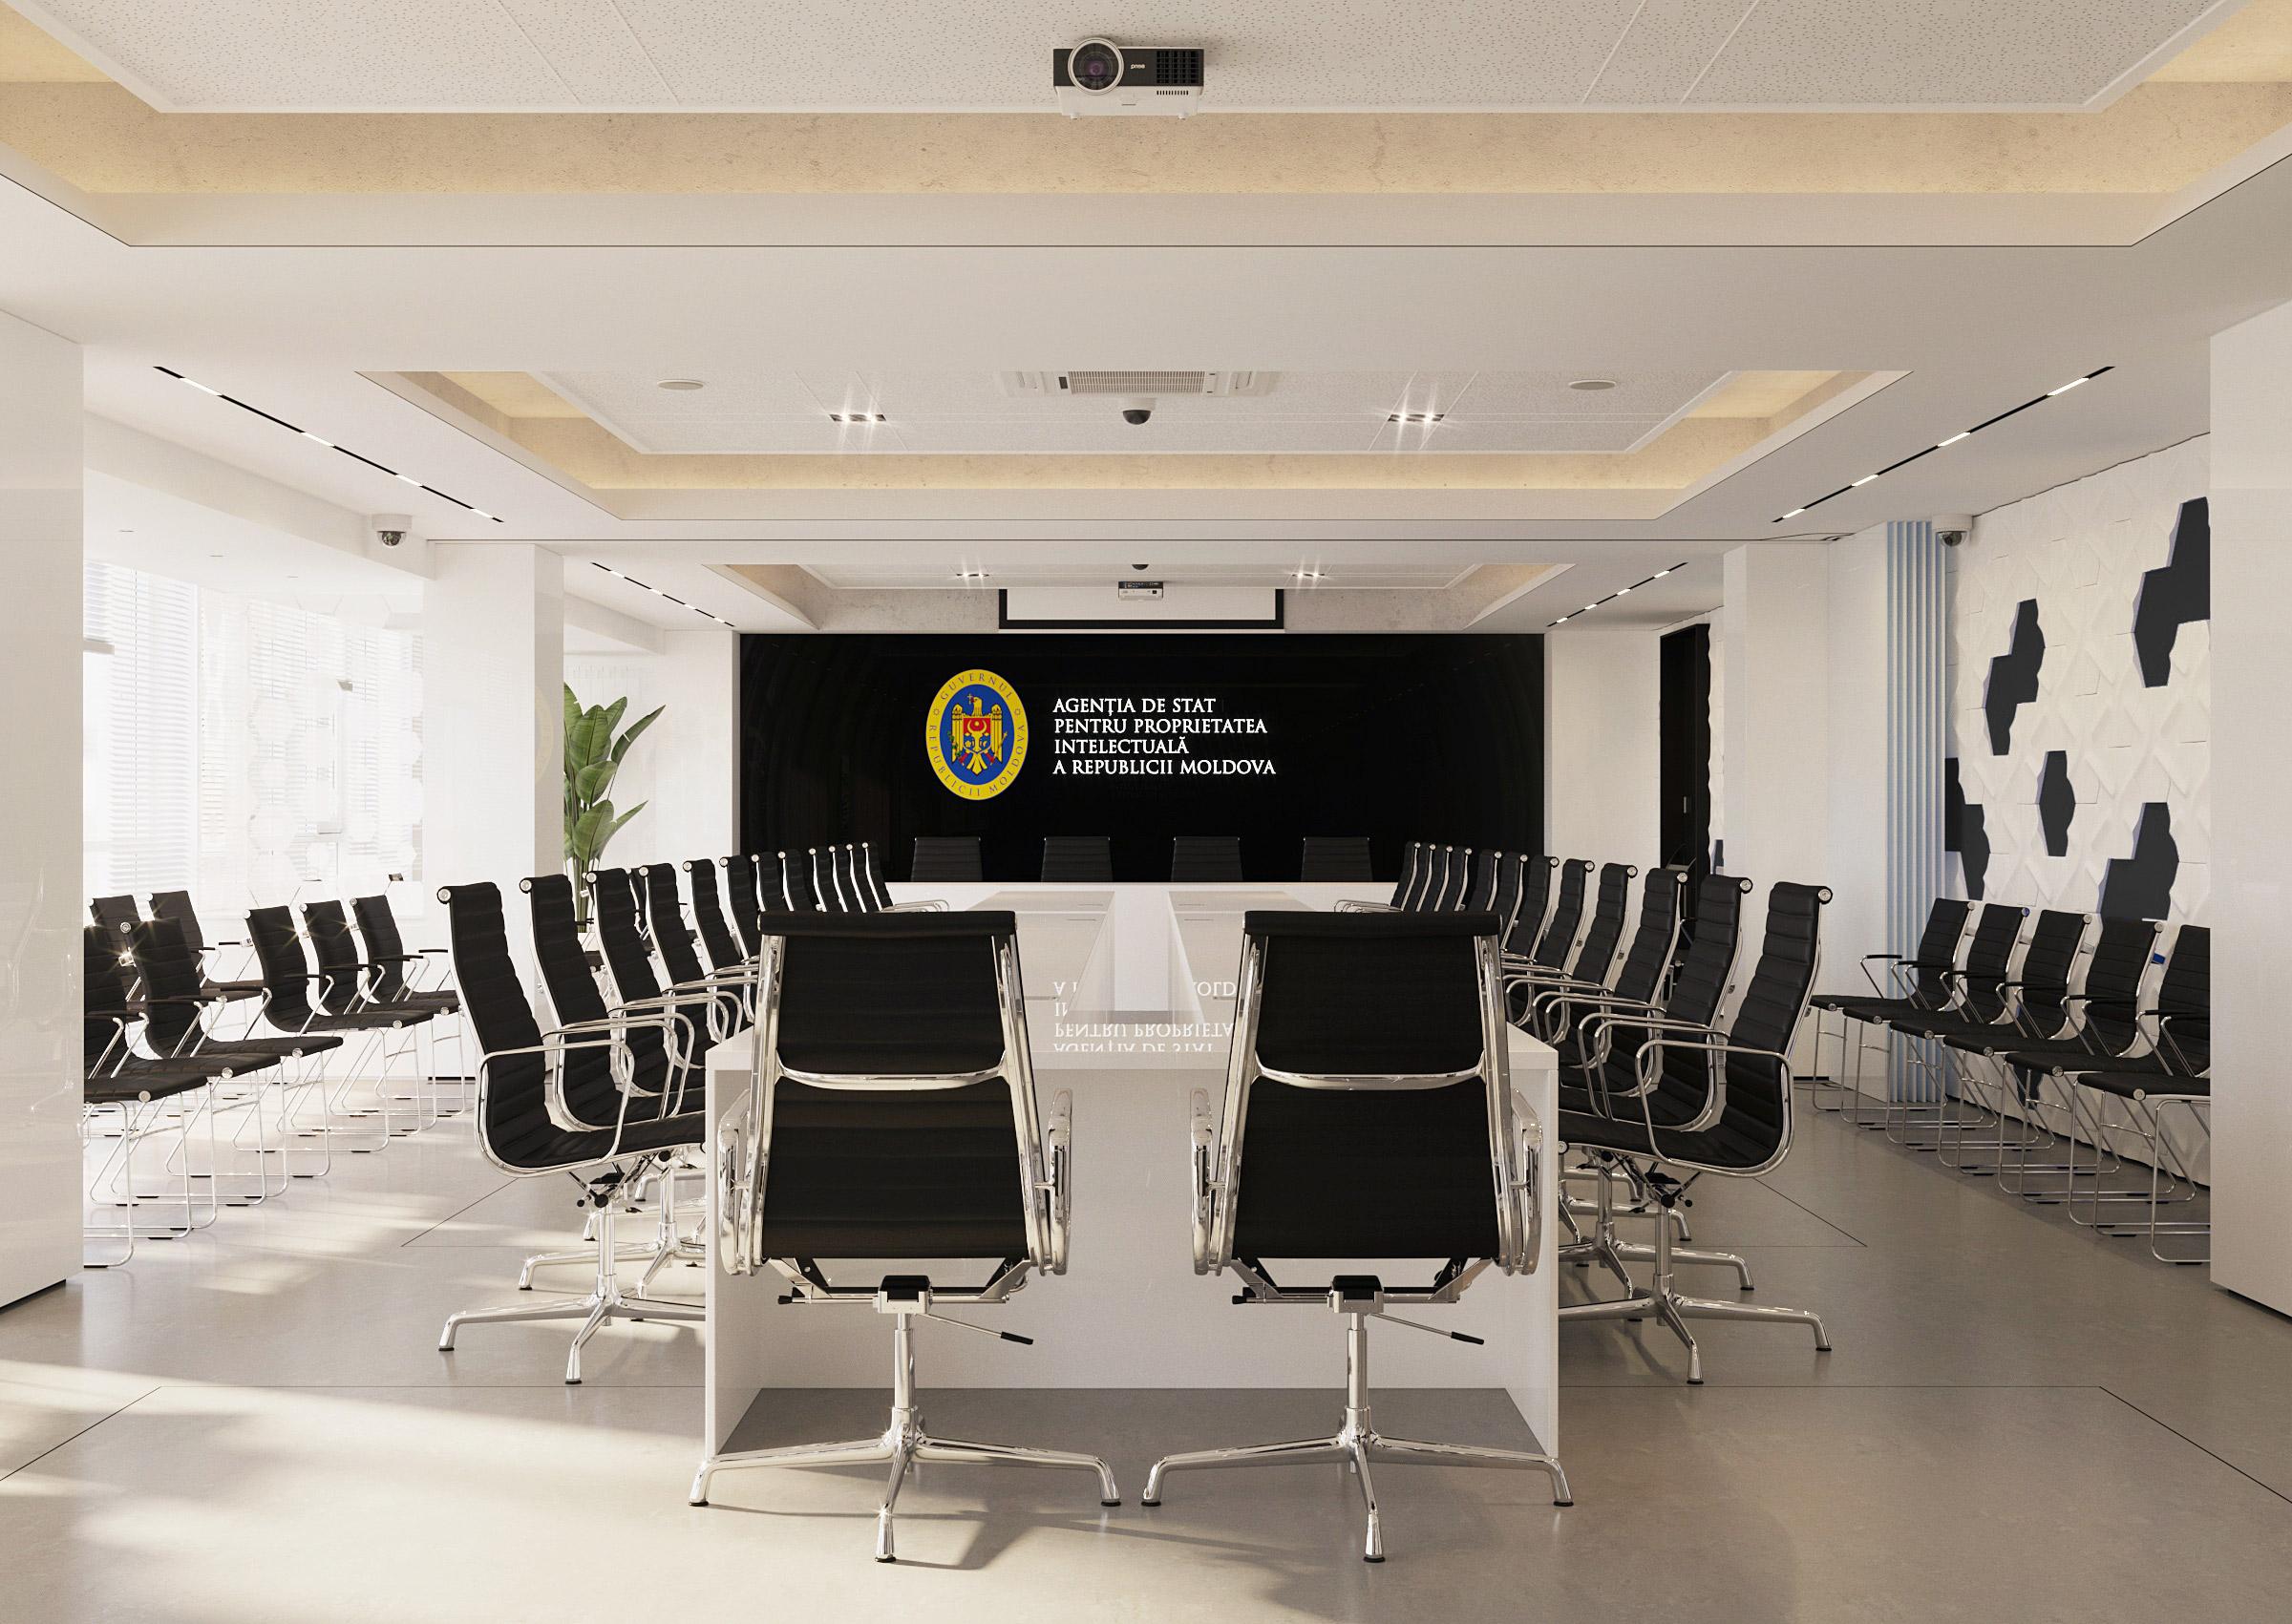 Sală de conferințe AGEPI